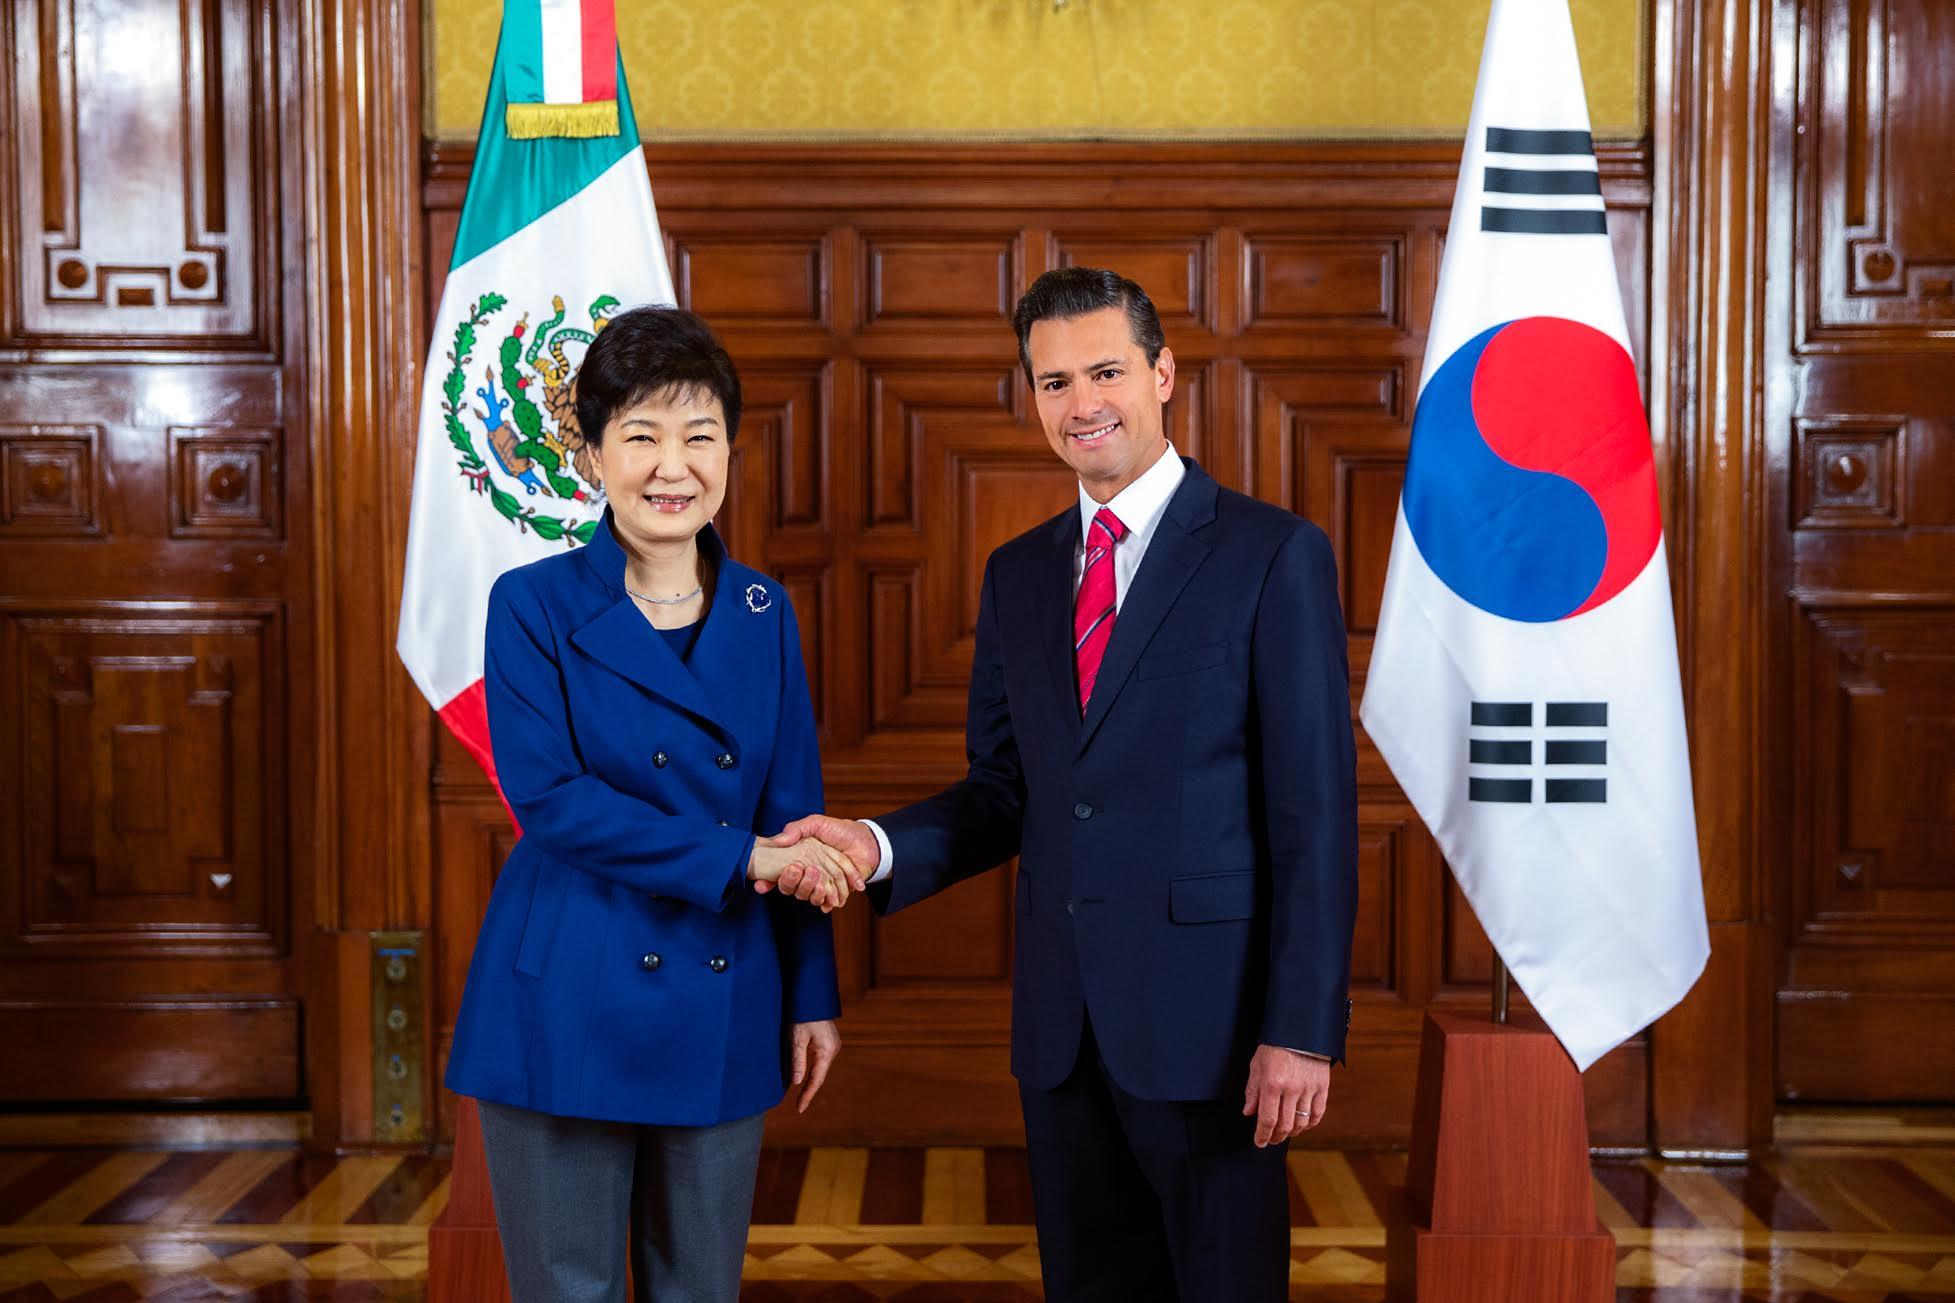 El Presidente Peña Nieto recibe a la Presidenta de la República de Corea, Park Geun-hye, en su primera Visita Oficial a México.